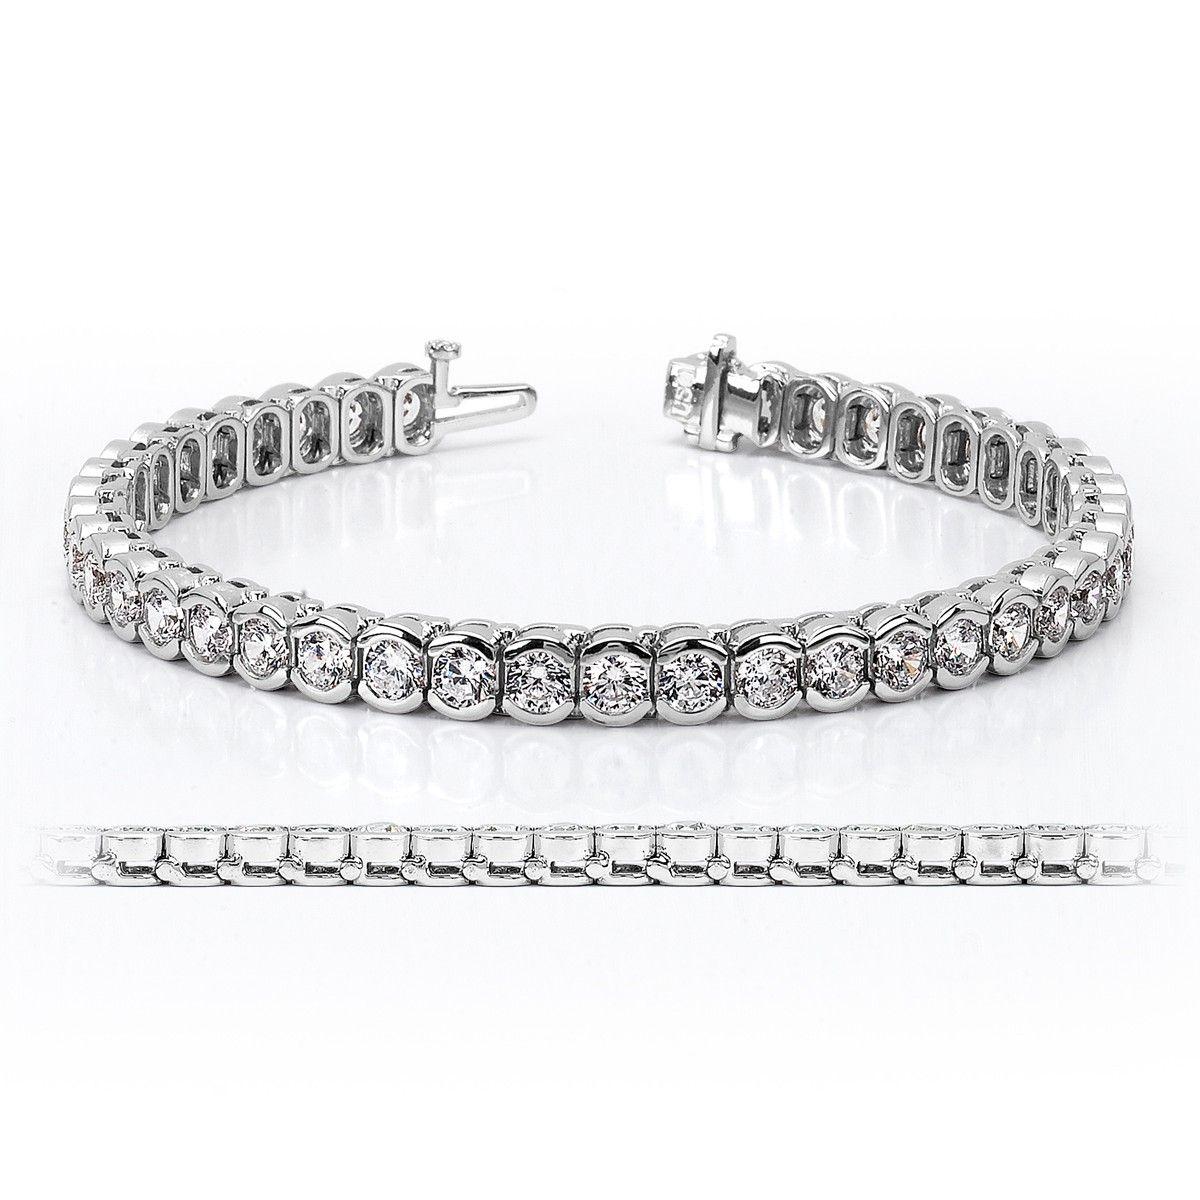 Pb11012 Tennis Bracelet Diamond Bracelet Collection Gold Bracelet